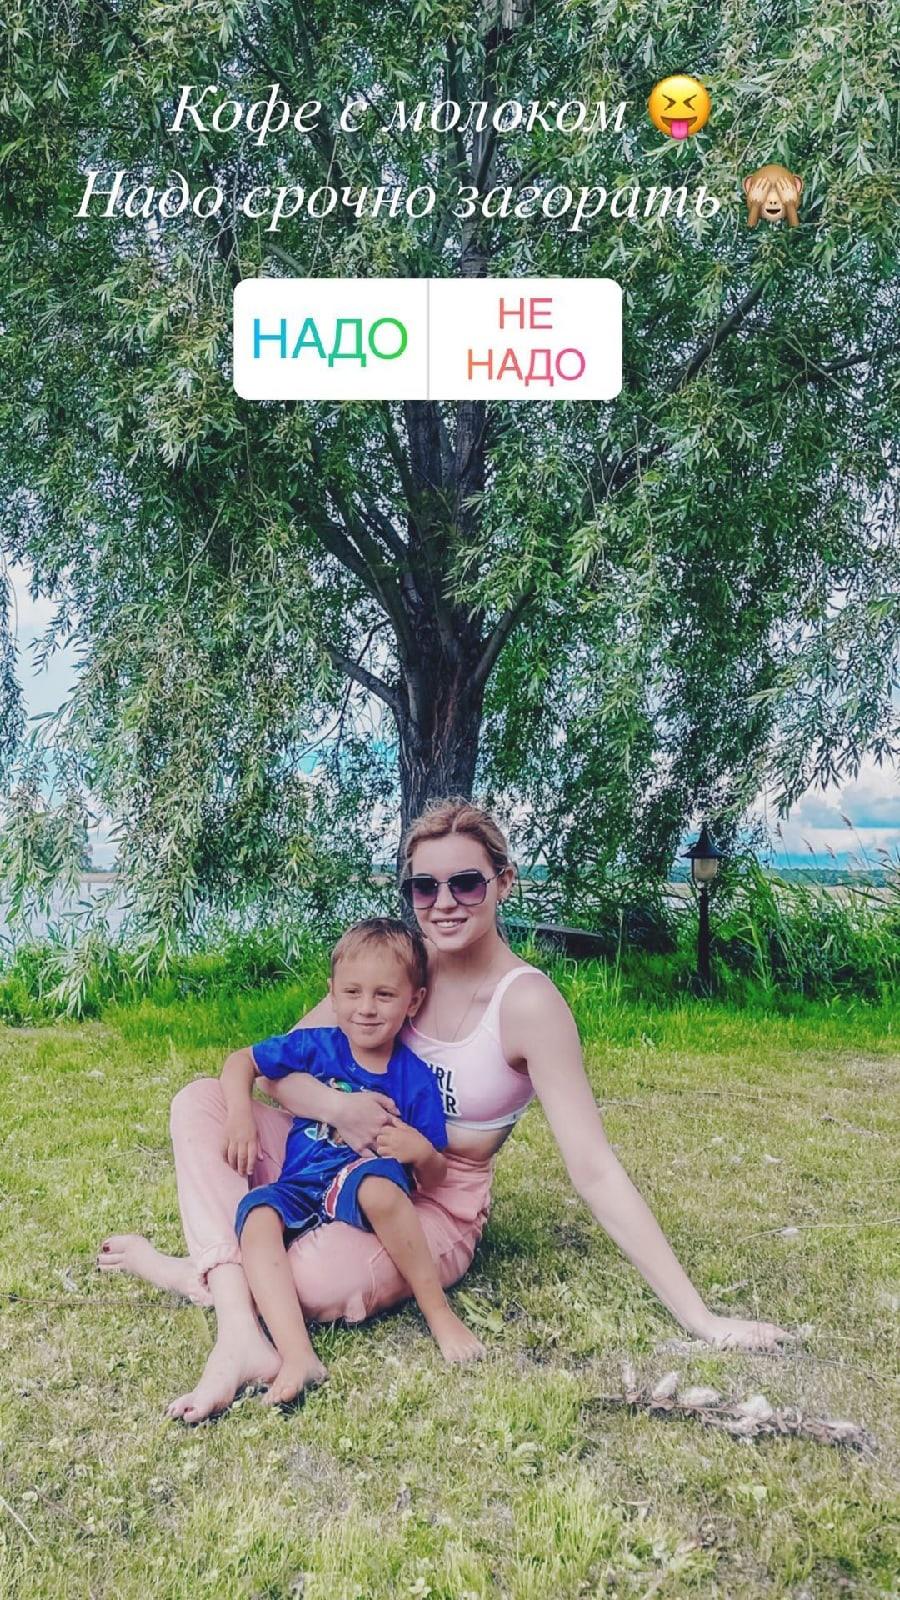 https://i4.imageban.ru/out/2021/06/14/ab1375b4fc0306a1d7ff3826b7836641.jpg